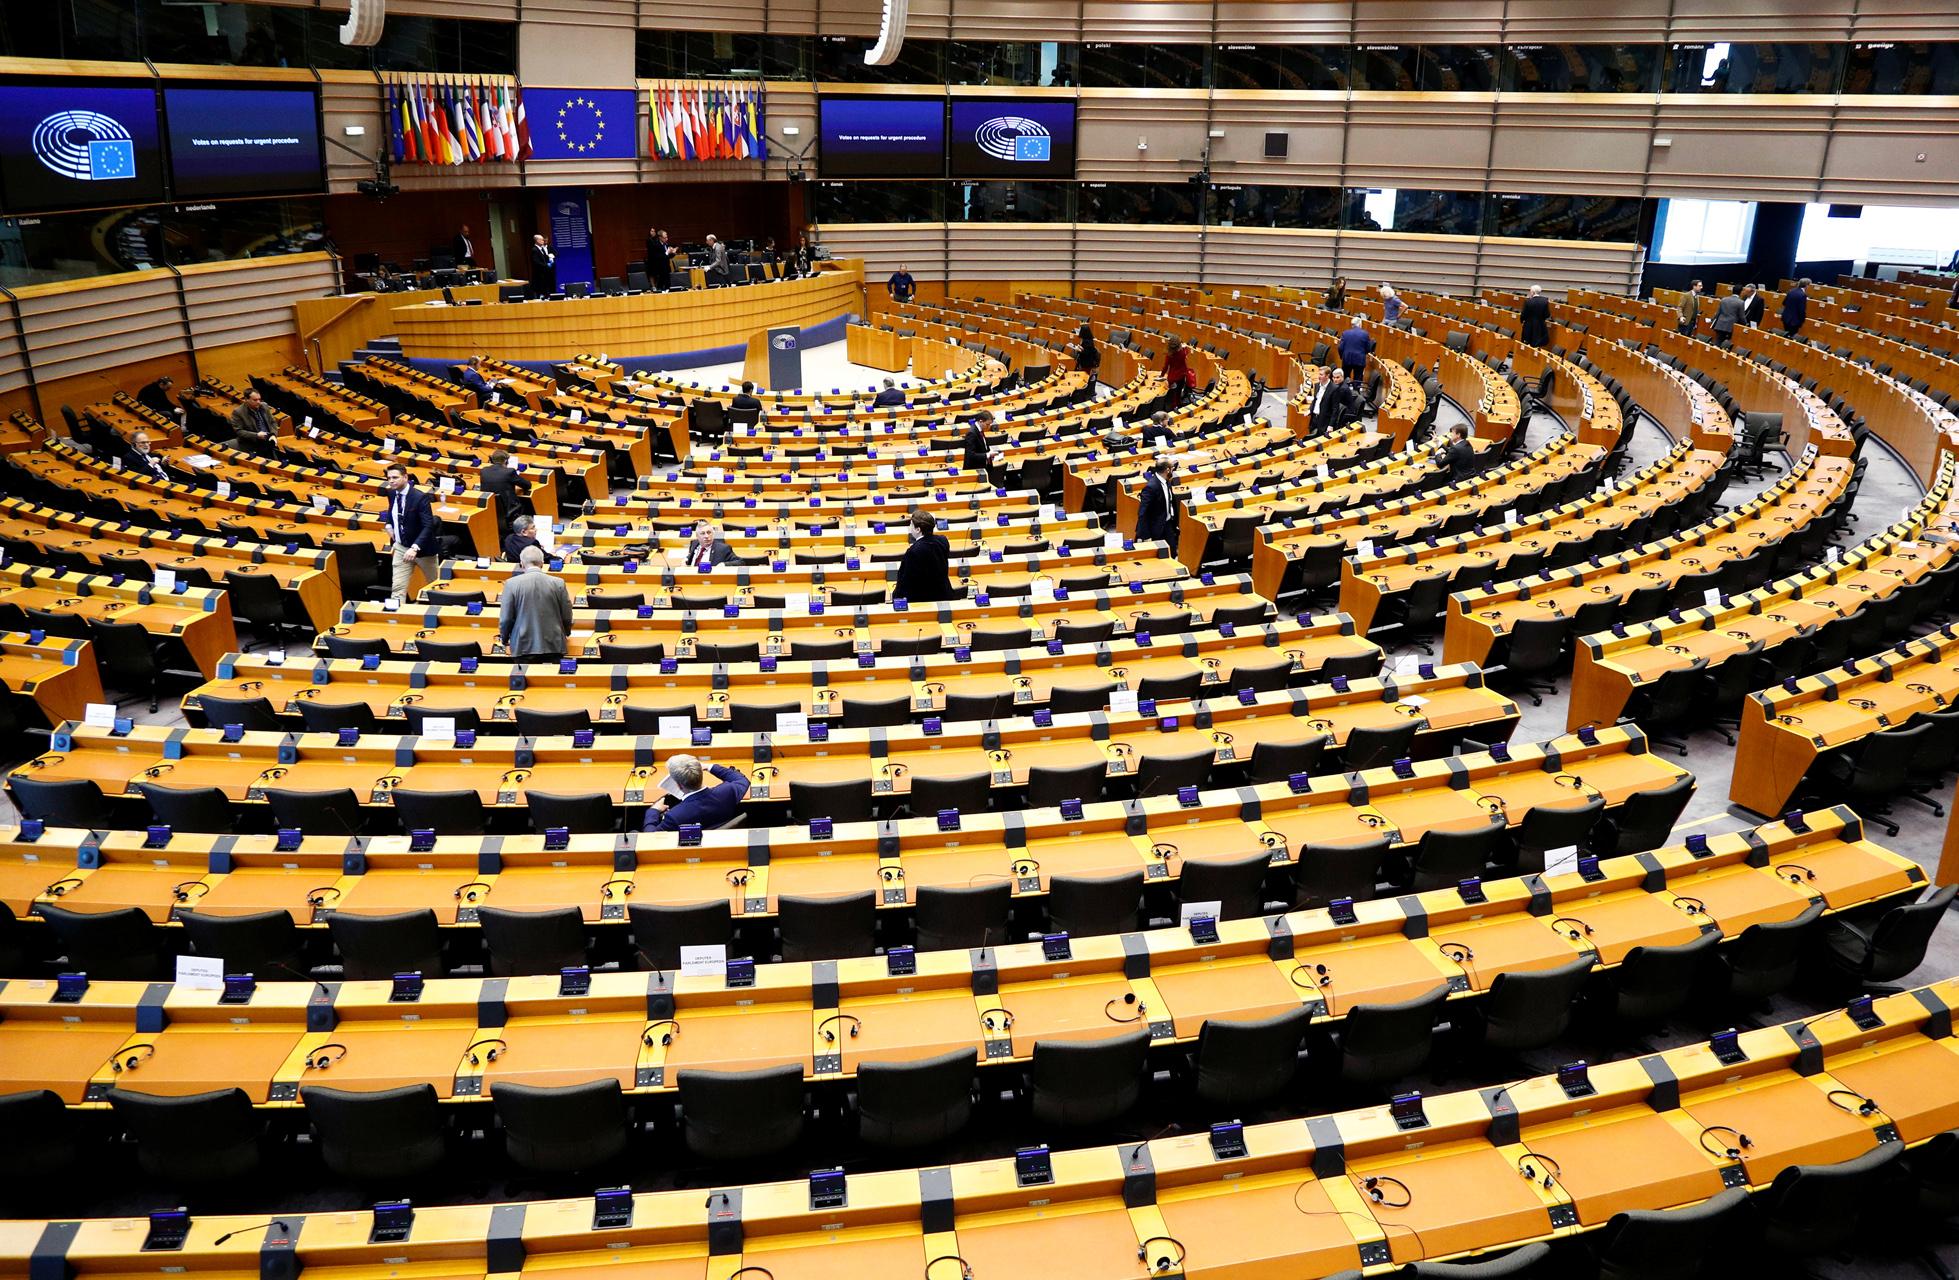 Σε κέντρο ελέγχου για κορονοϊό μετατρέπεται το Ευρωπαϊκό Κοινοβούλιο στο Στρασβουργο